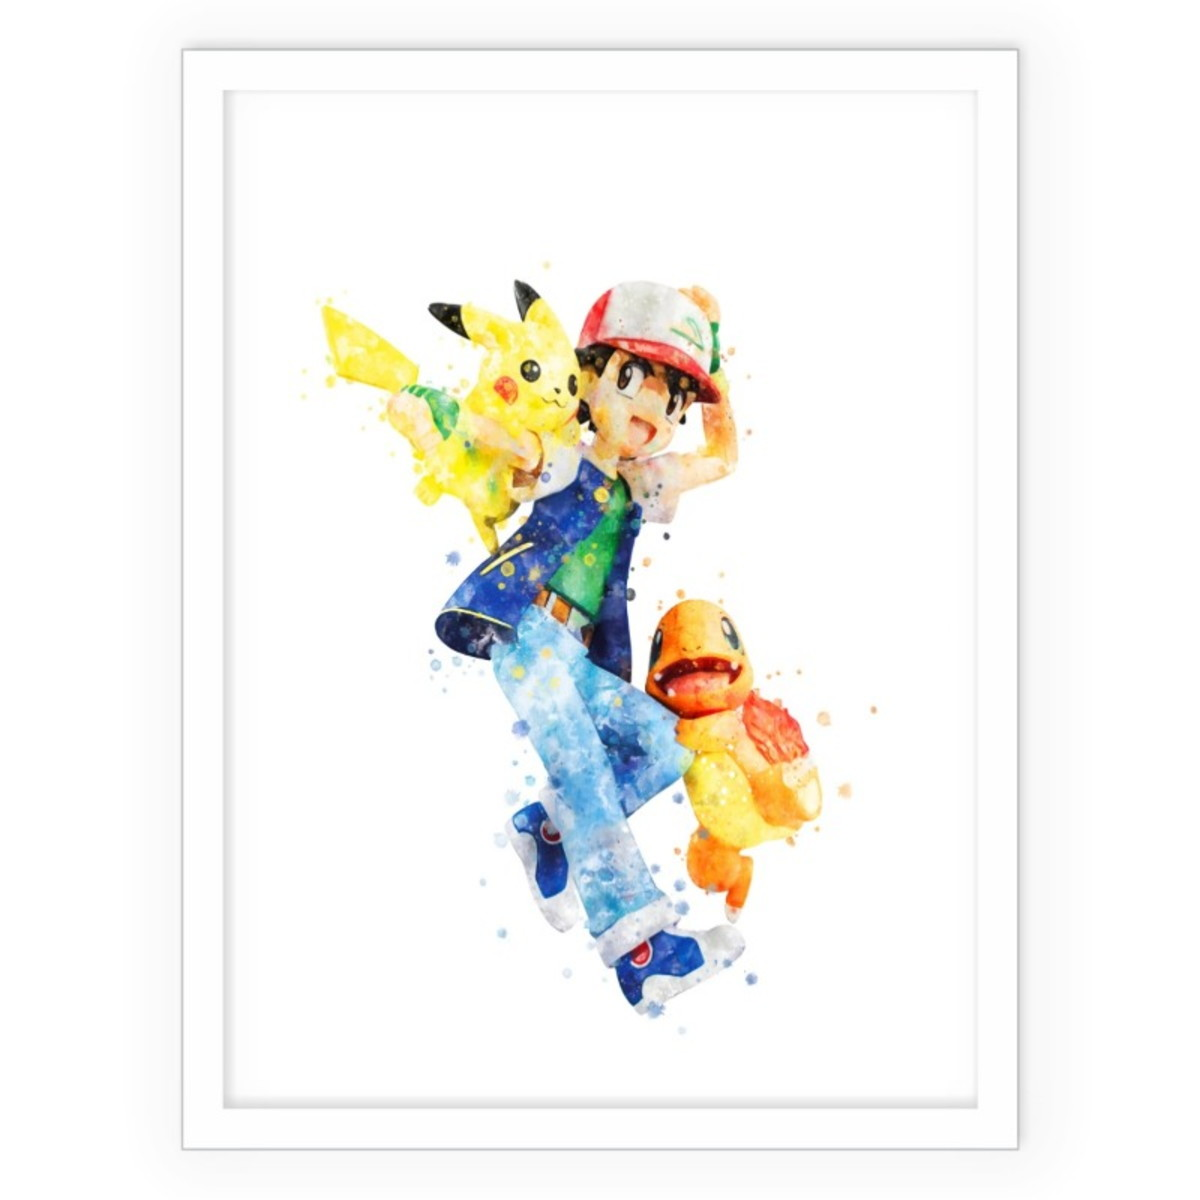 Quadro Decorativo Arte Aquarela Pokemon Charmander Pikachu No Elo7